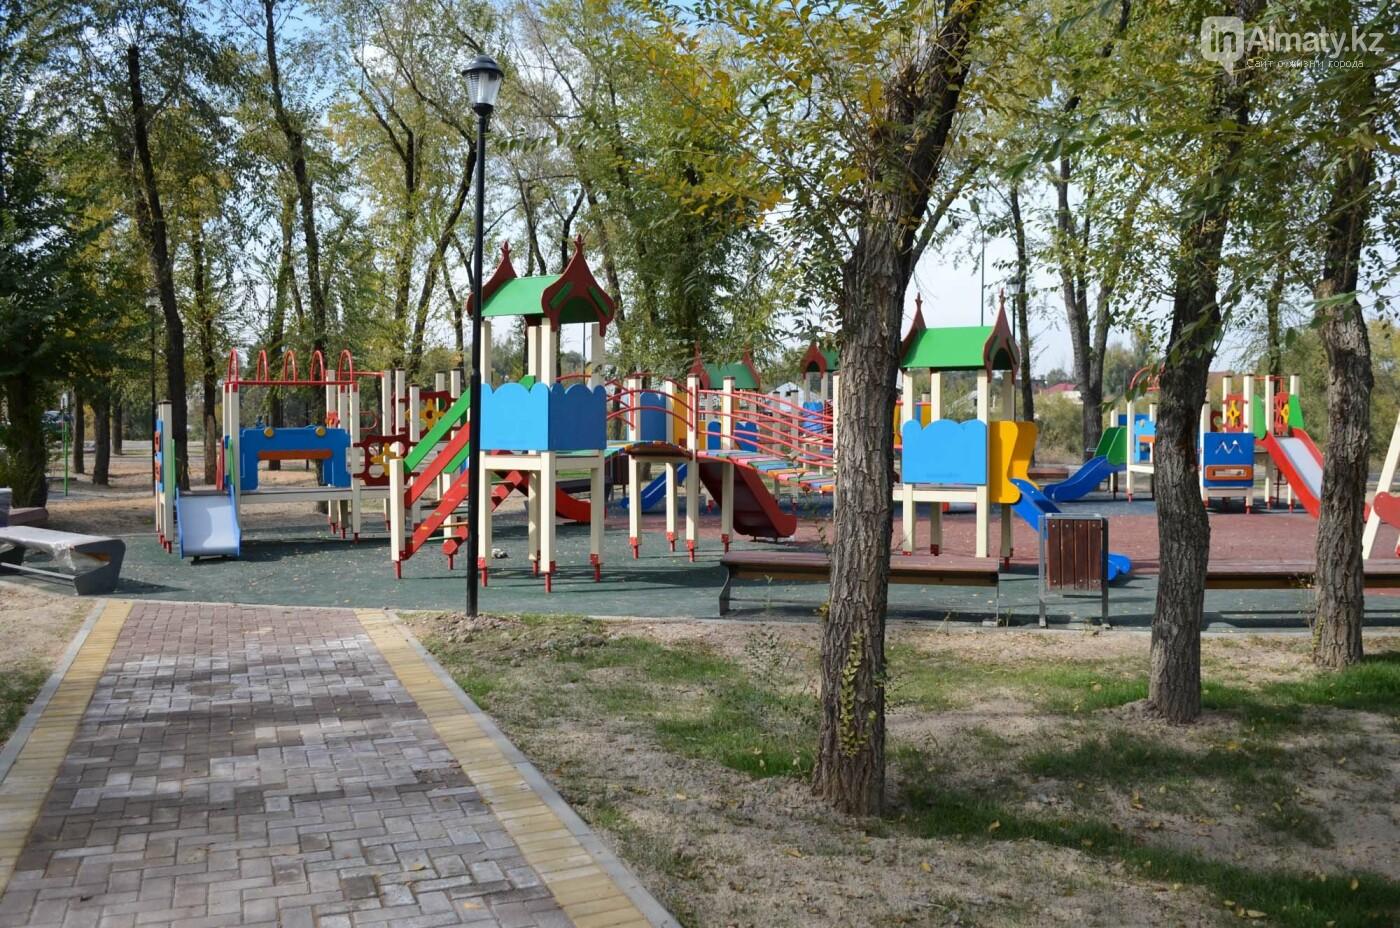 Как выглядит новый парк в зоне Аэропортовского озера и микрорайона Жас Канат в Алматы, фото-5